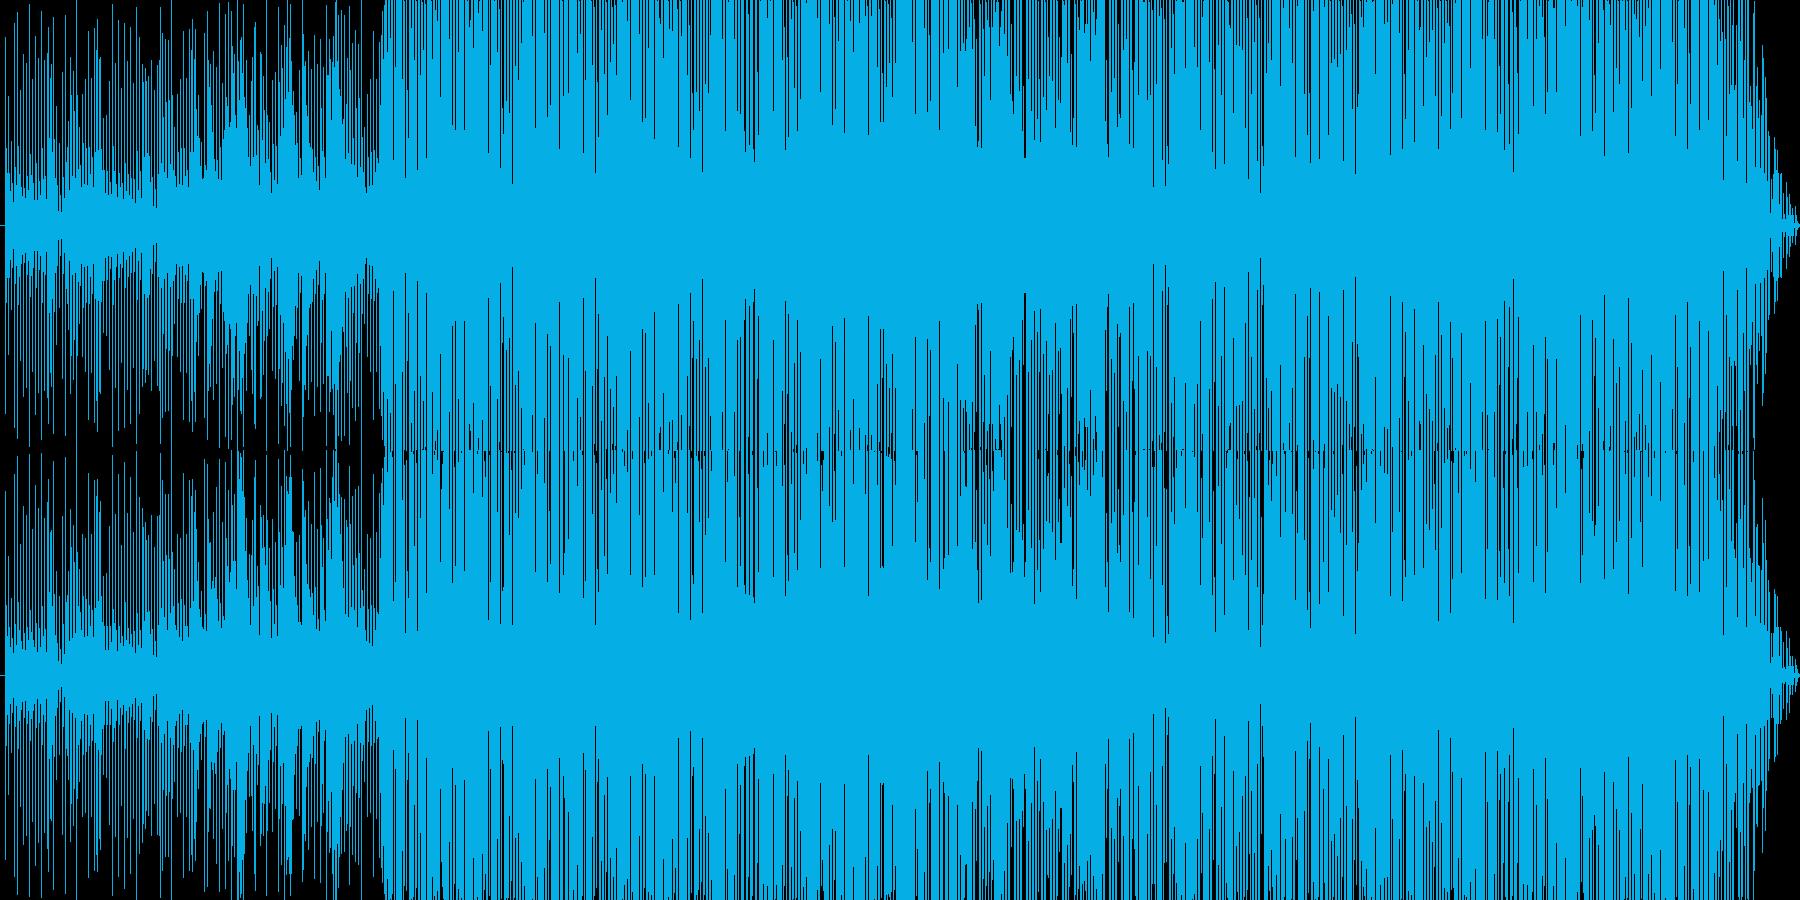 クールなHIPHOPビートの再生済みの波形